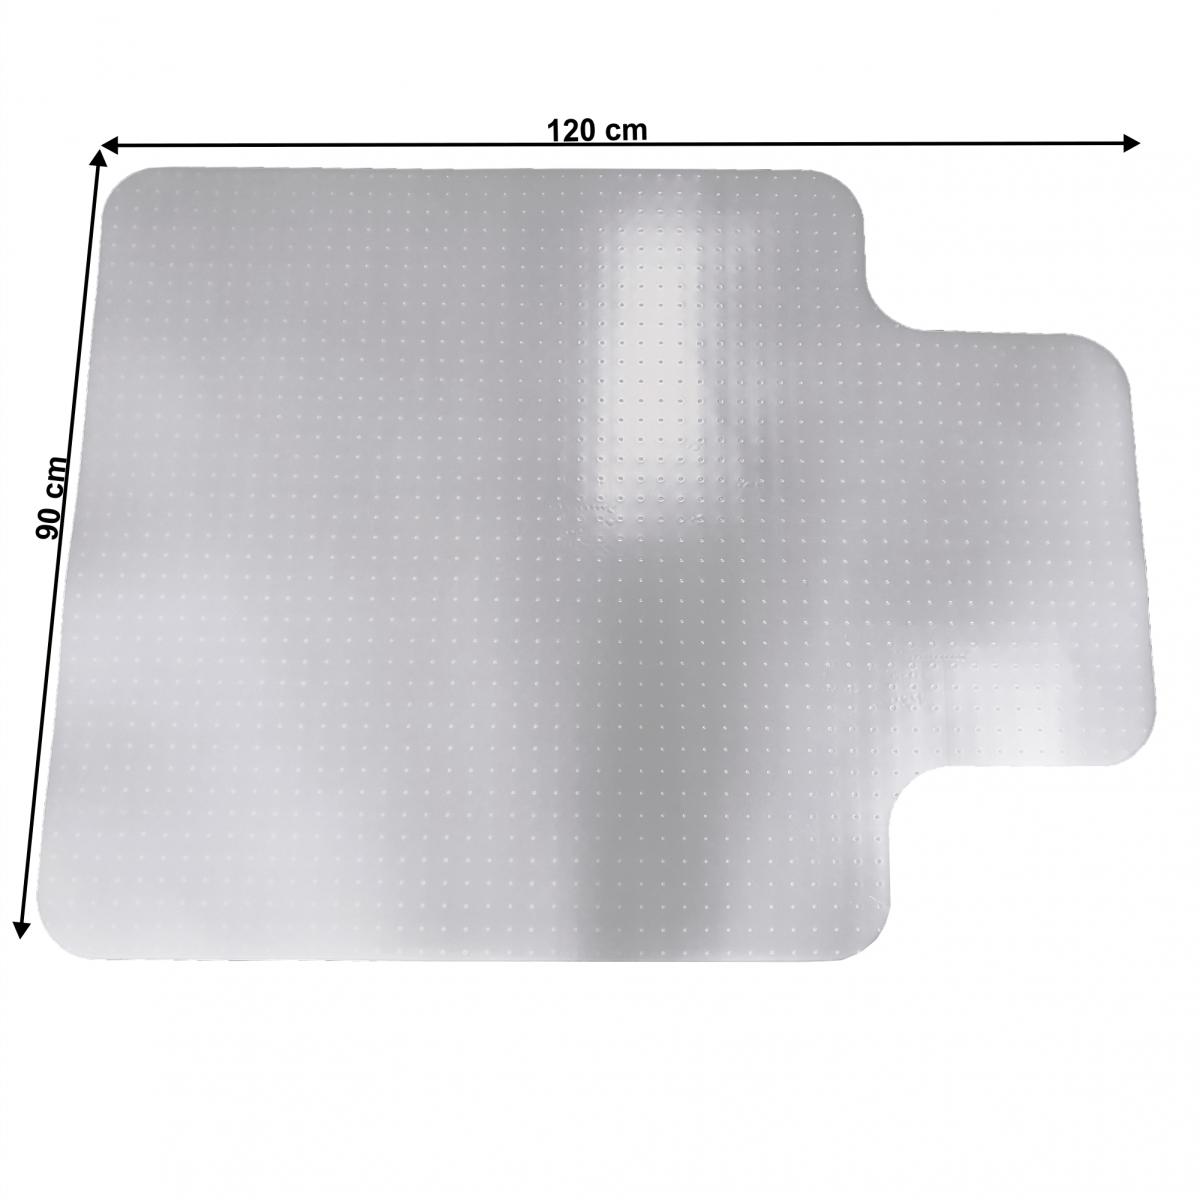 Védőalátét a szék alá, tejes, 90x120 cm, 1,8 mm, ELLIE NEW TYP 9